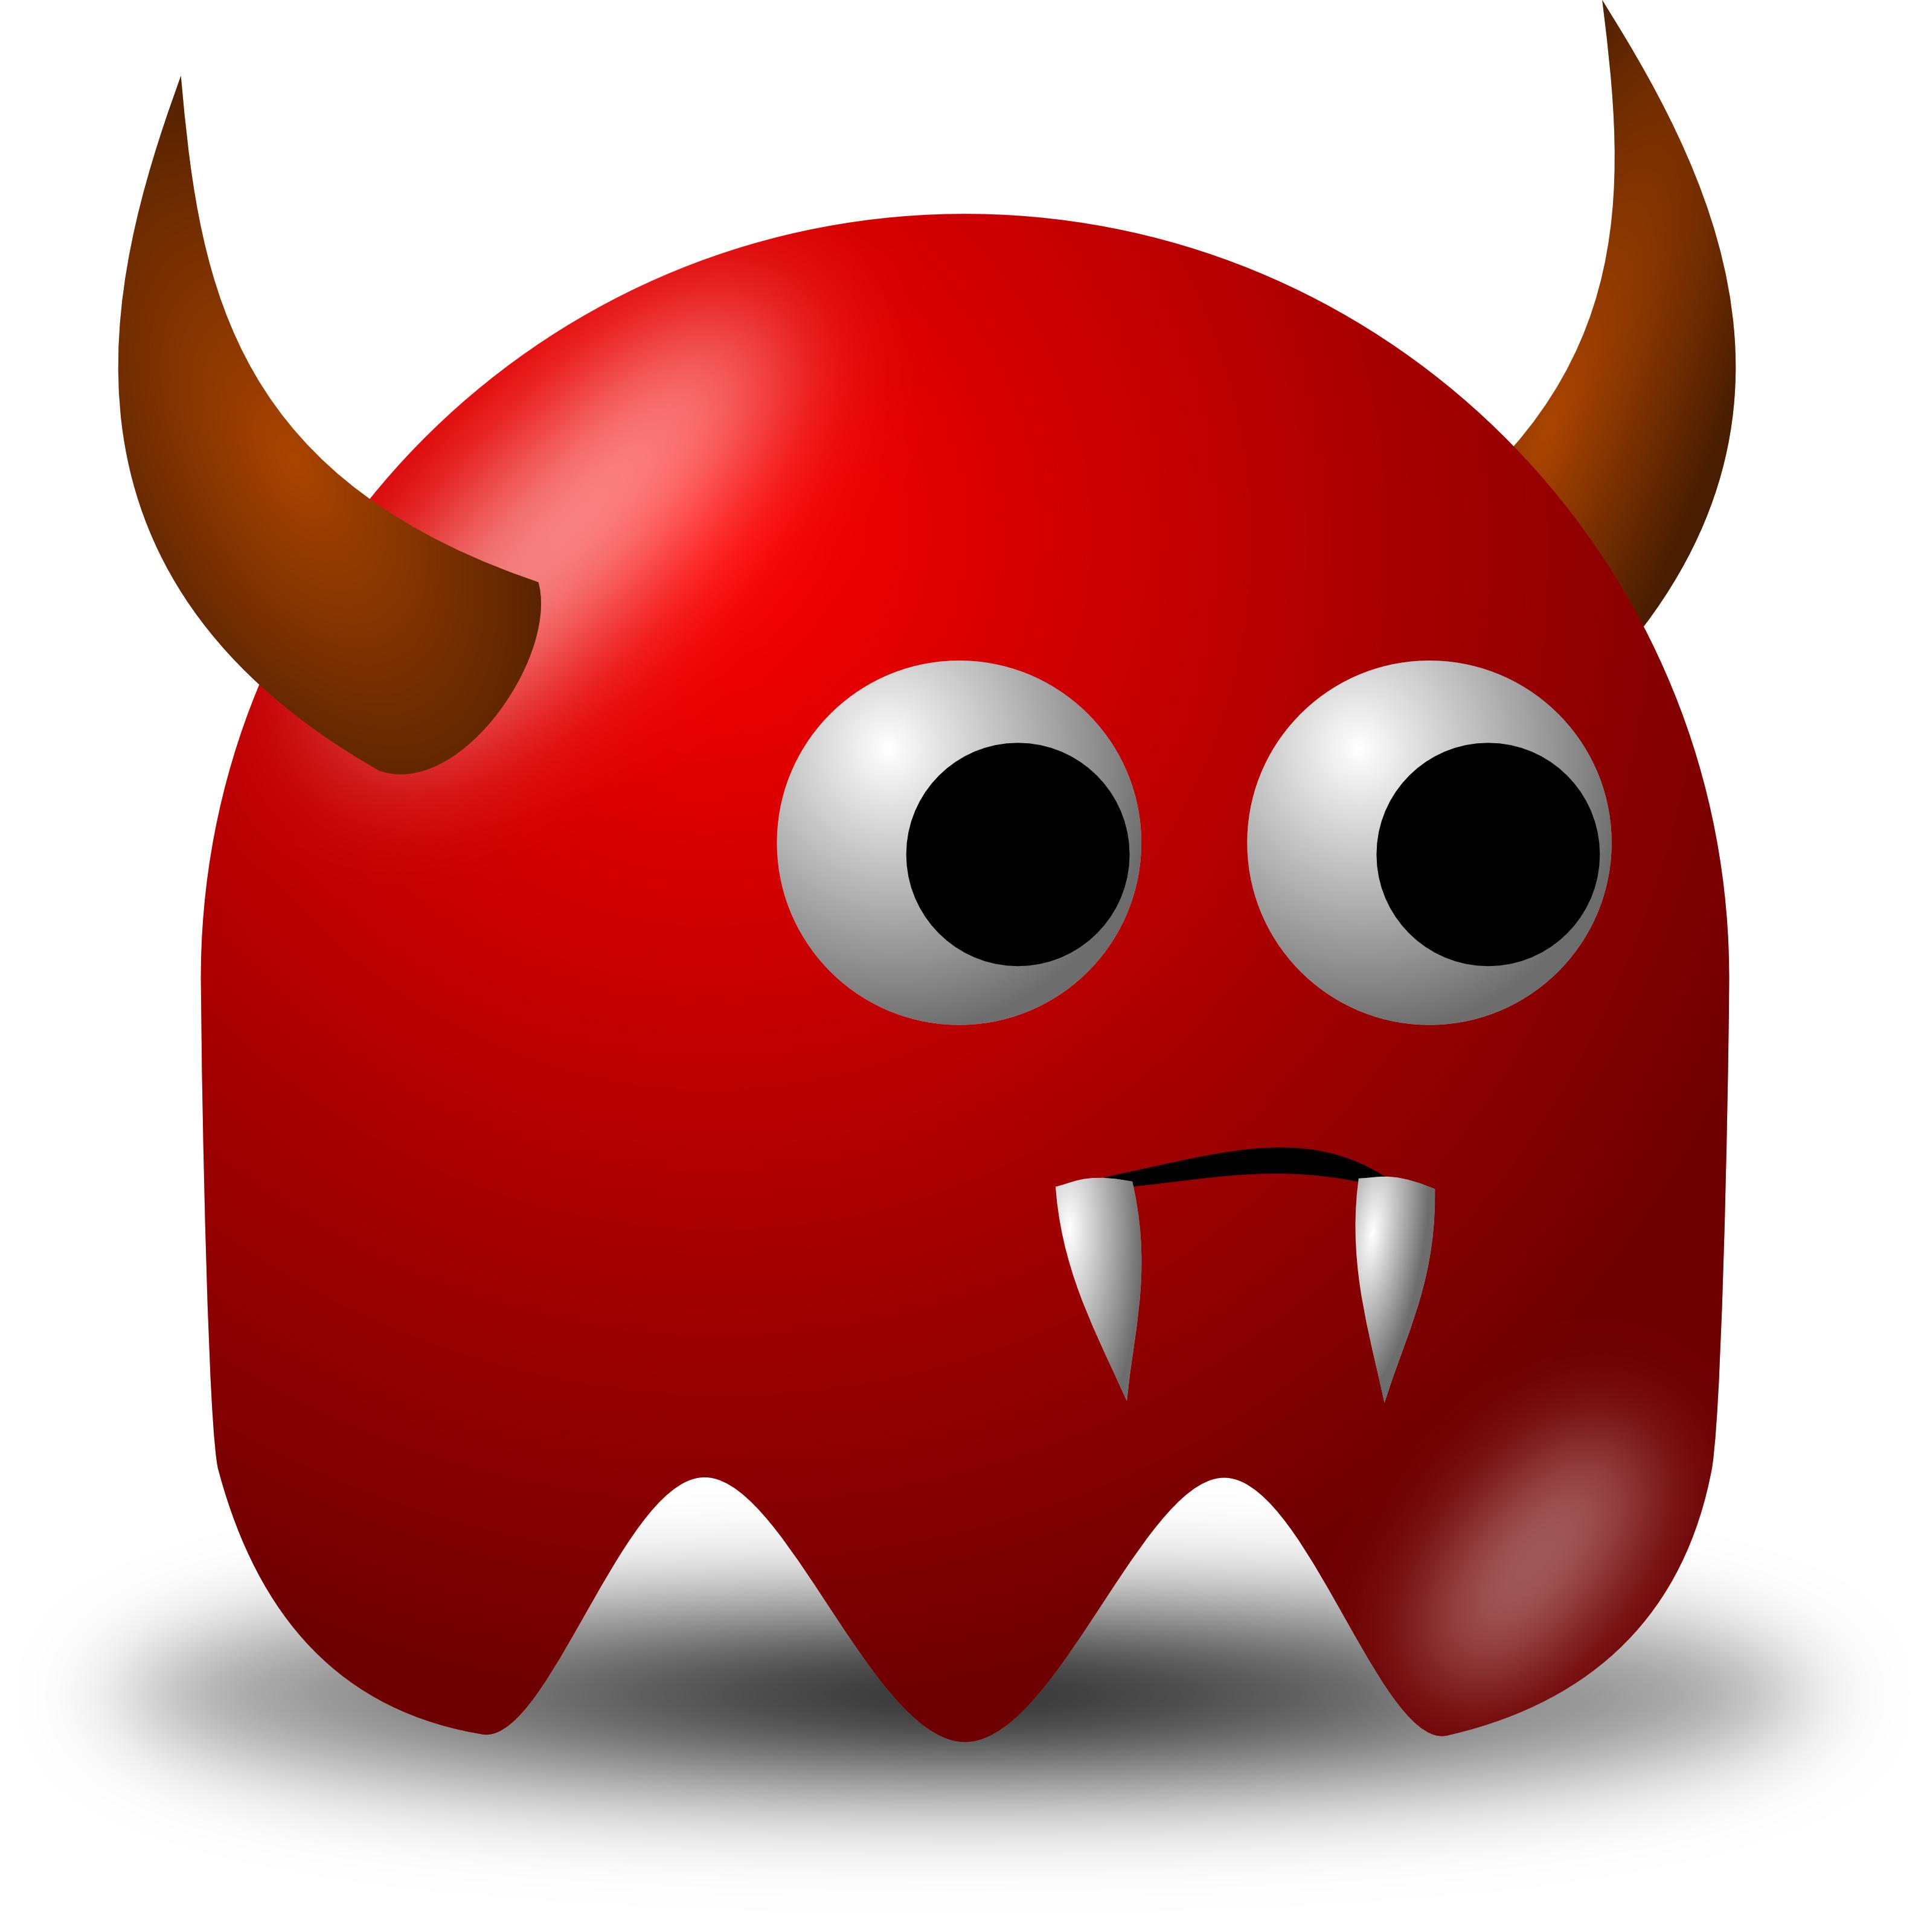 Devil Clipart & Devil Clip Art Images.